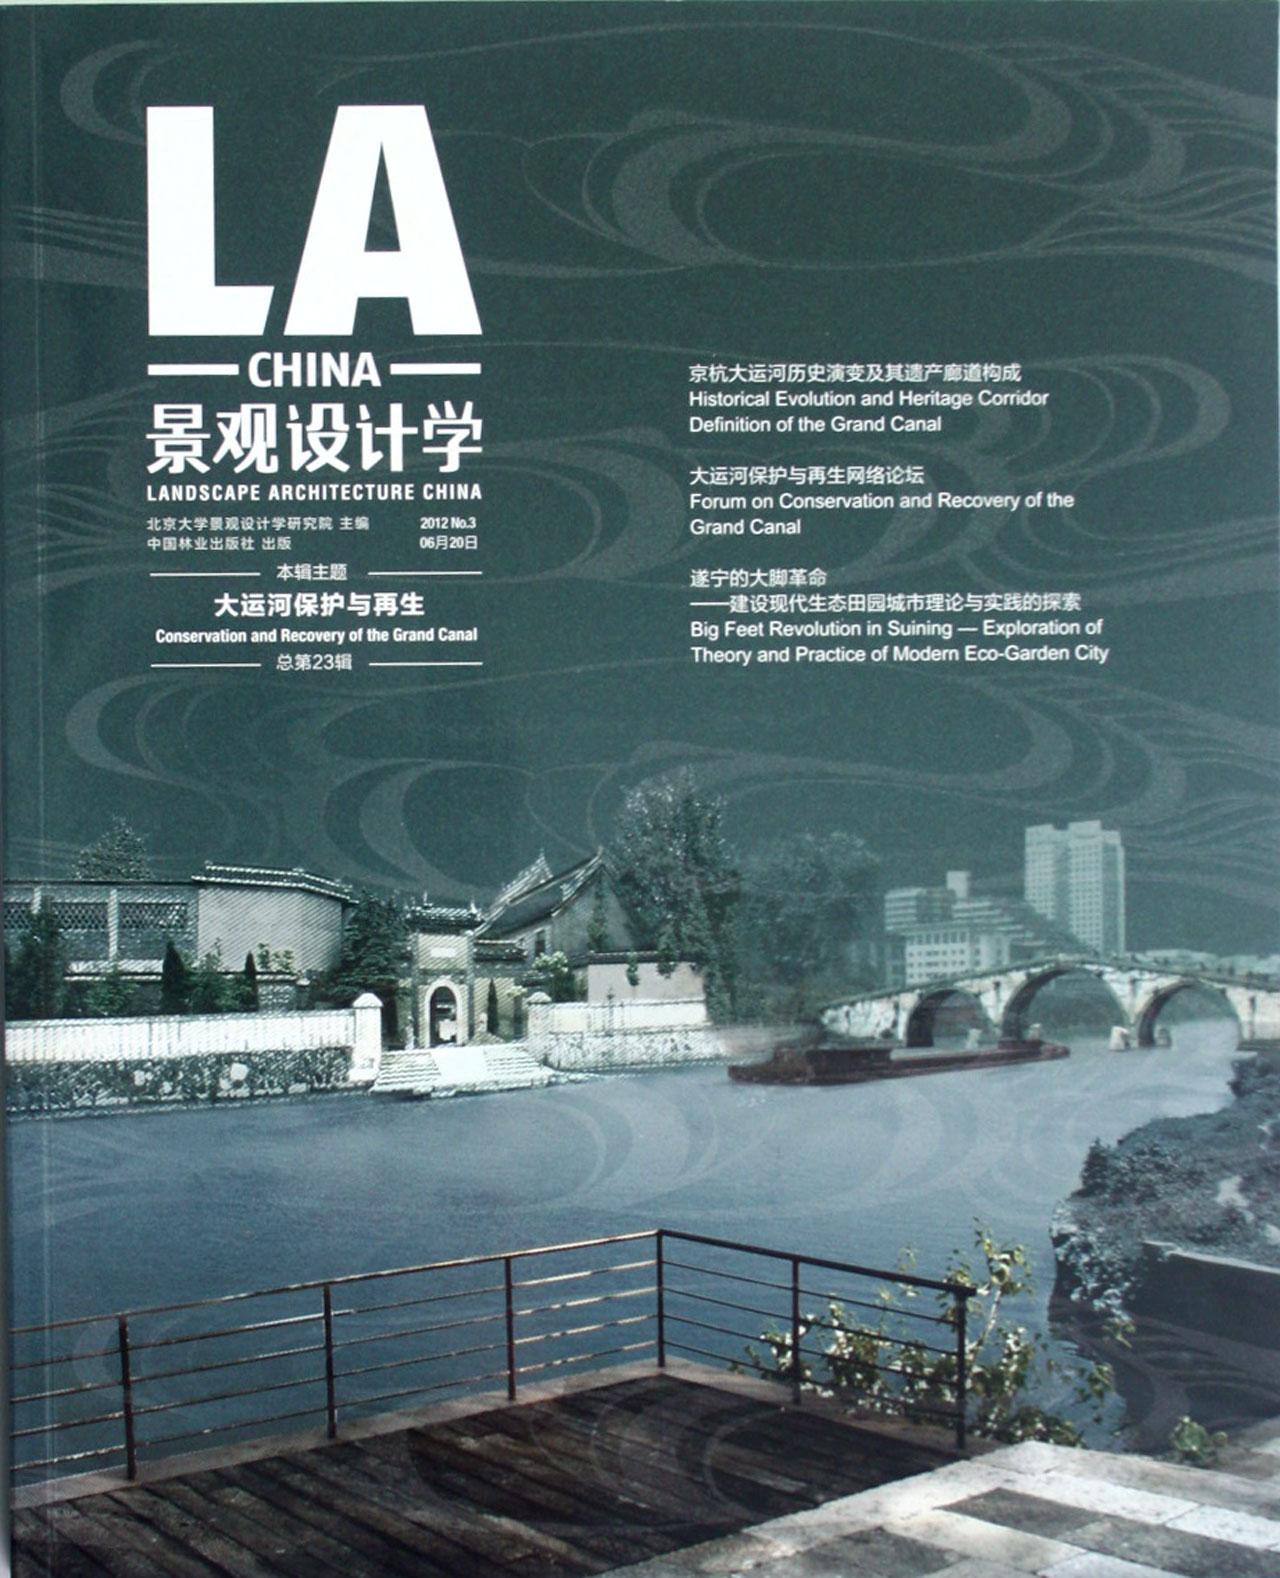 景观设计学(2012no.3总第23辑大运河保护与再生)